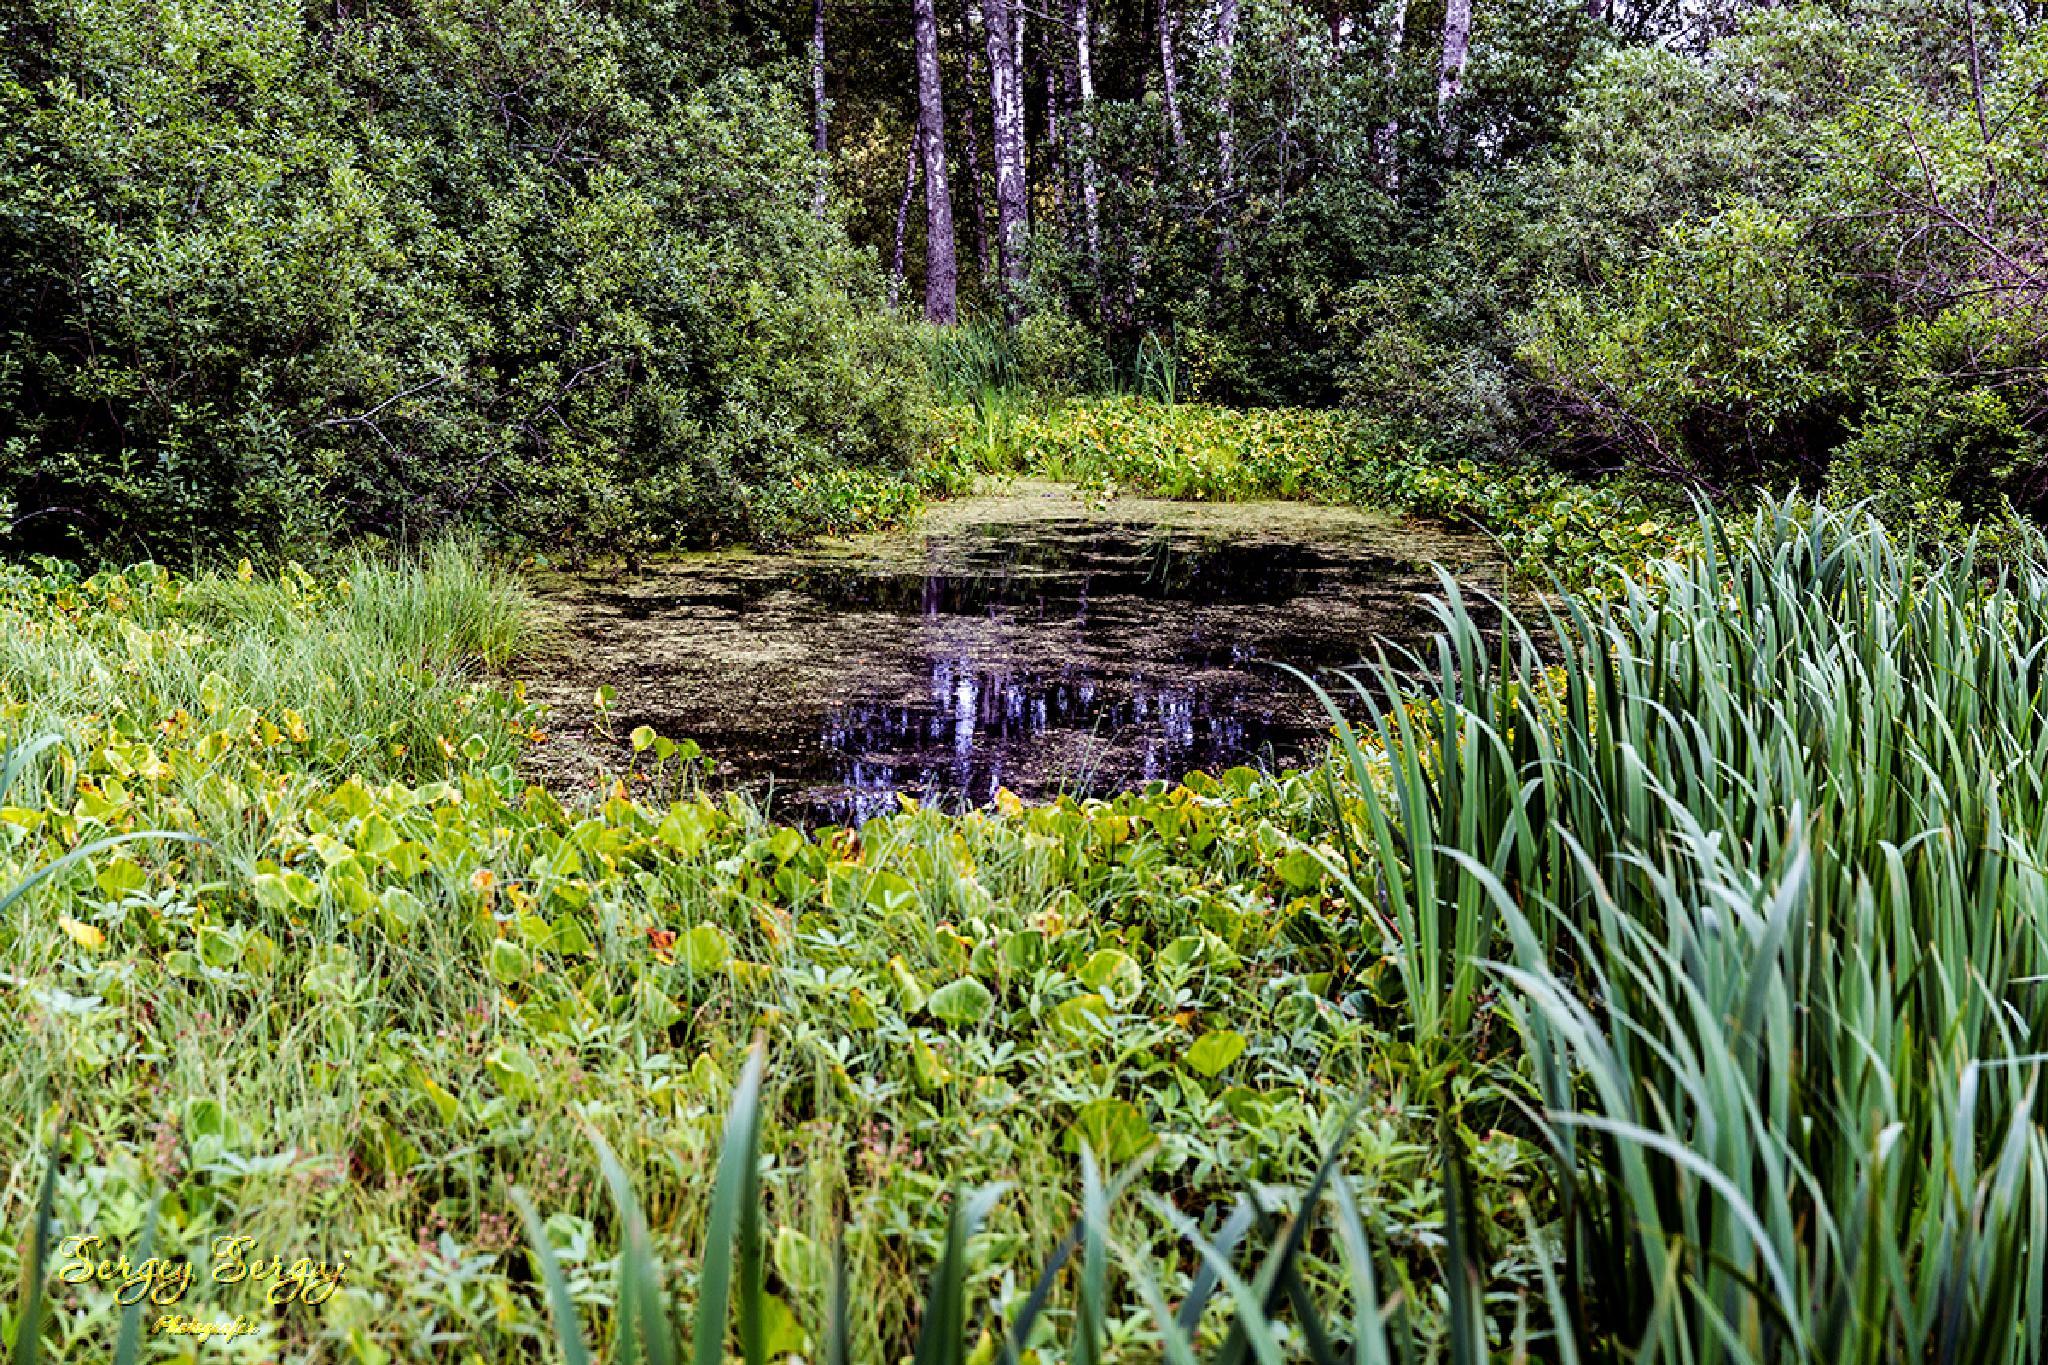 Wild pond by Sergey Sergaj